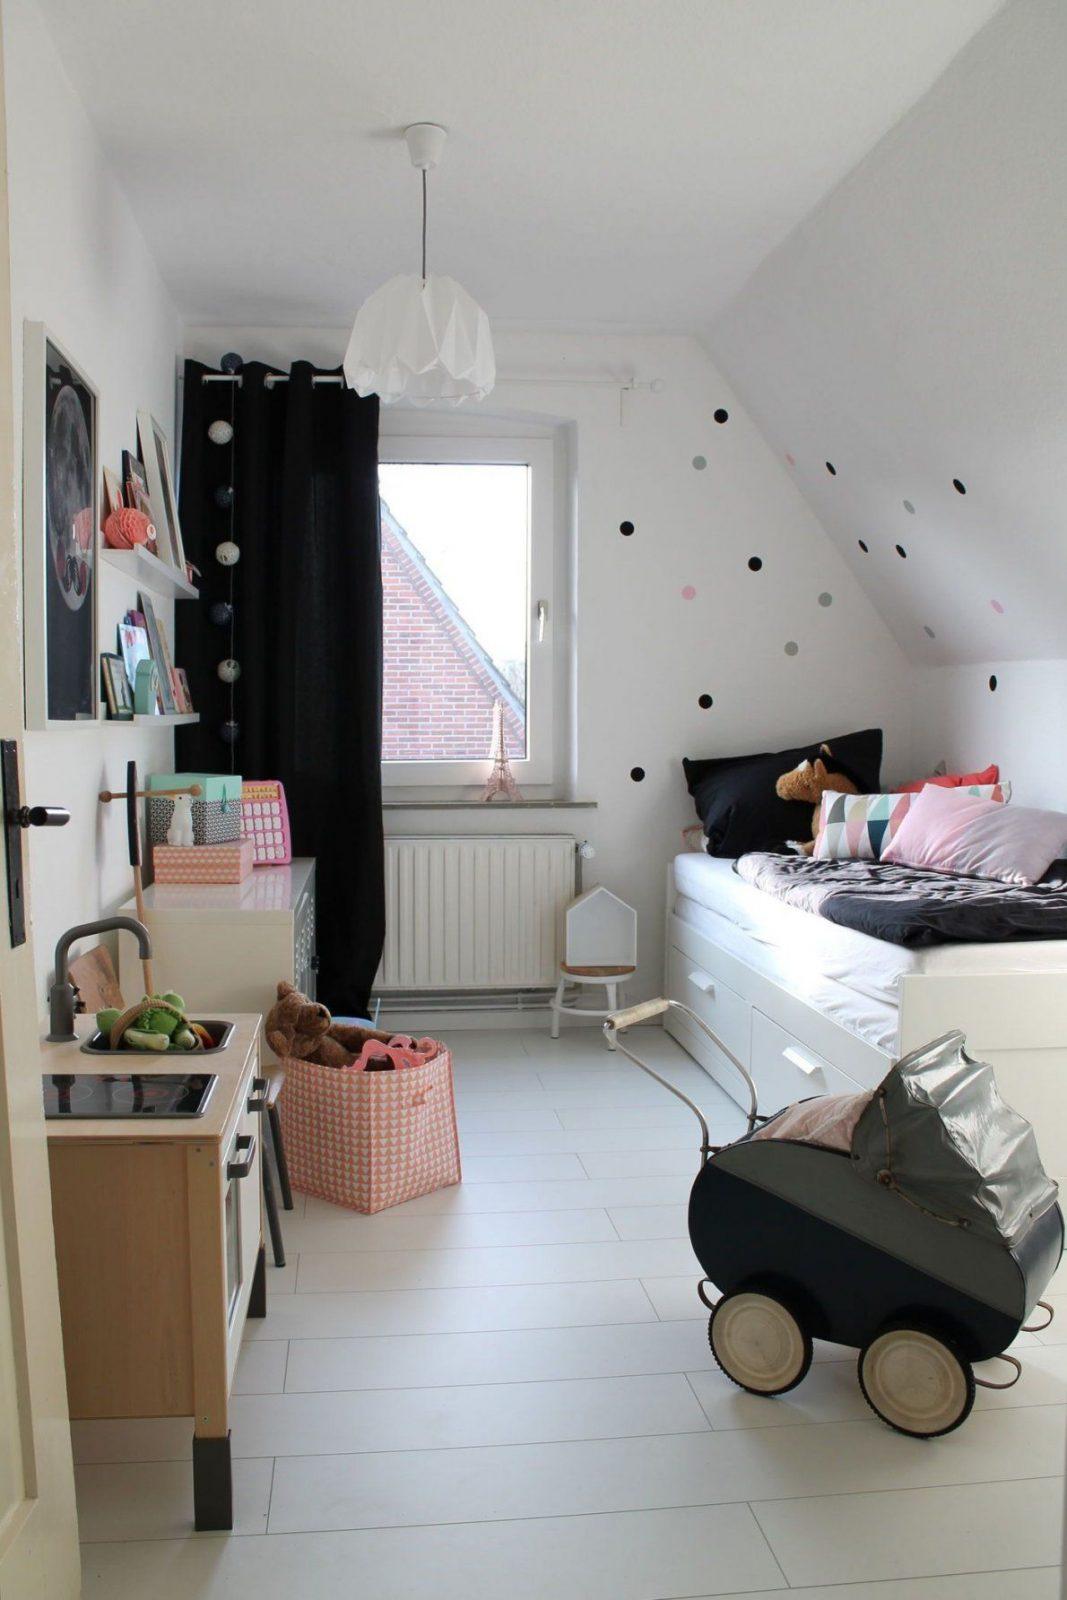 Elegantes Kleine Kinderzimmer Optimal Einrichten Kleine Zimmer Rã von Kleine Kinderzimmer Optimal Einrichten Bild